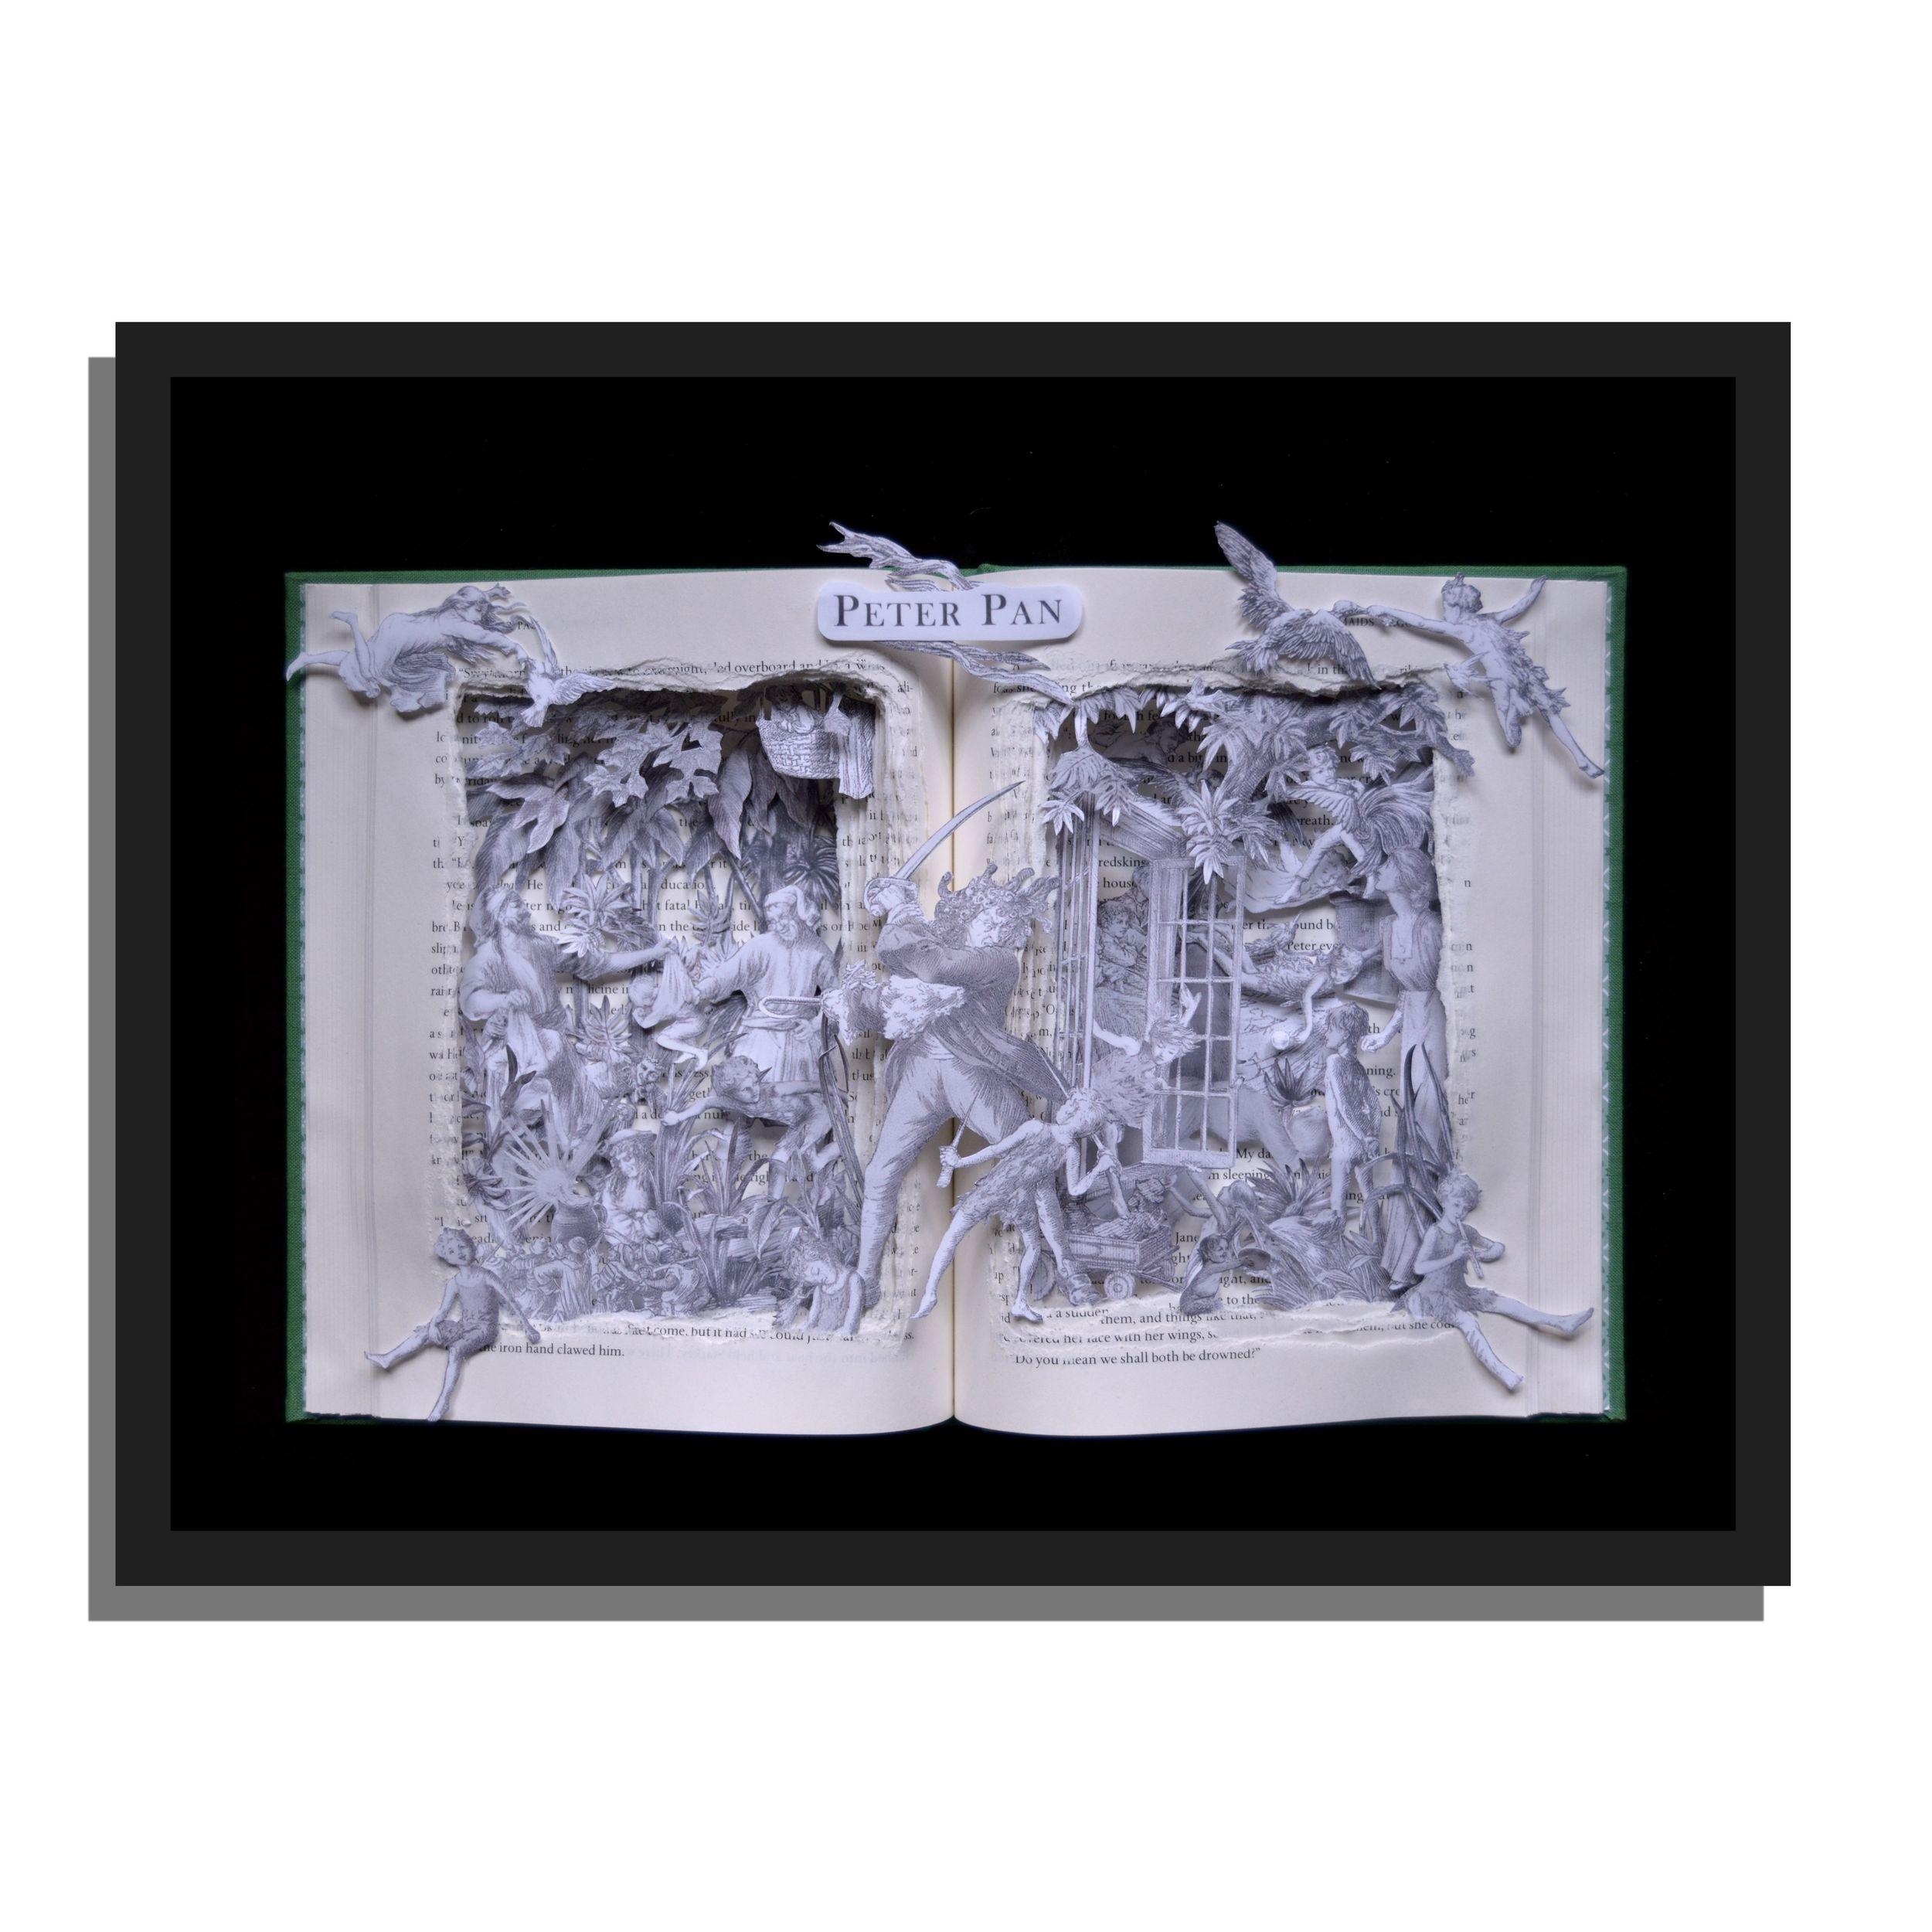 Peter Pan Book Sculpture - 12x16x3 Fully Framed